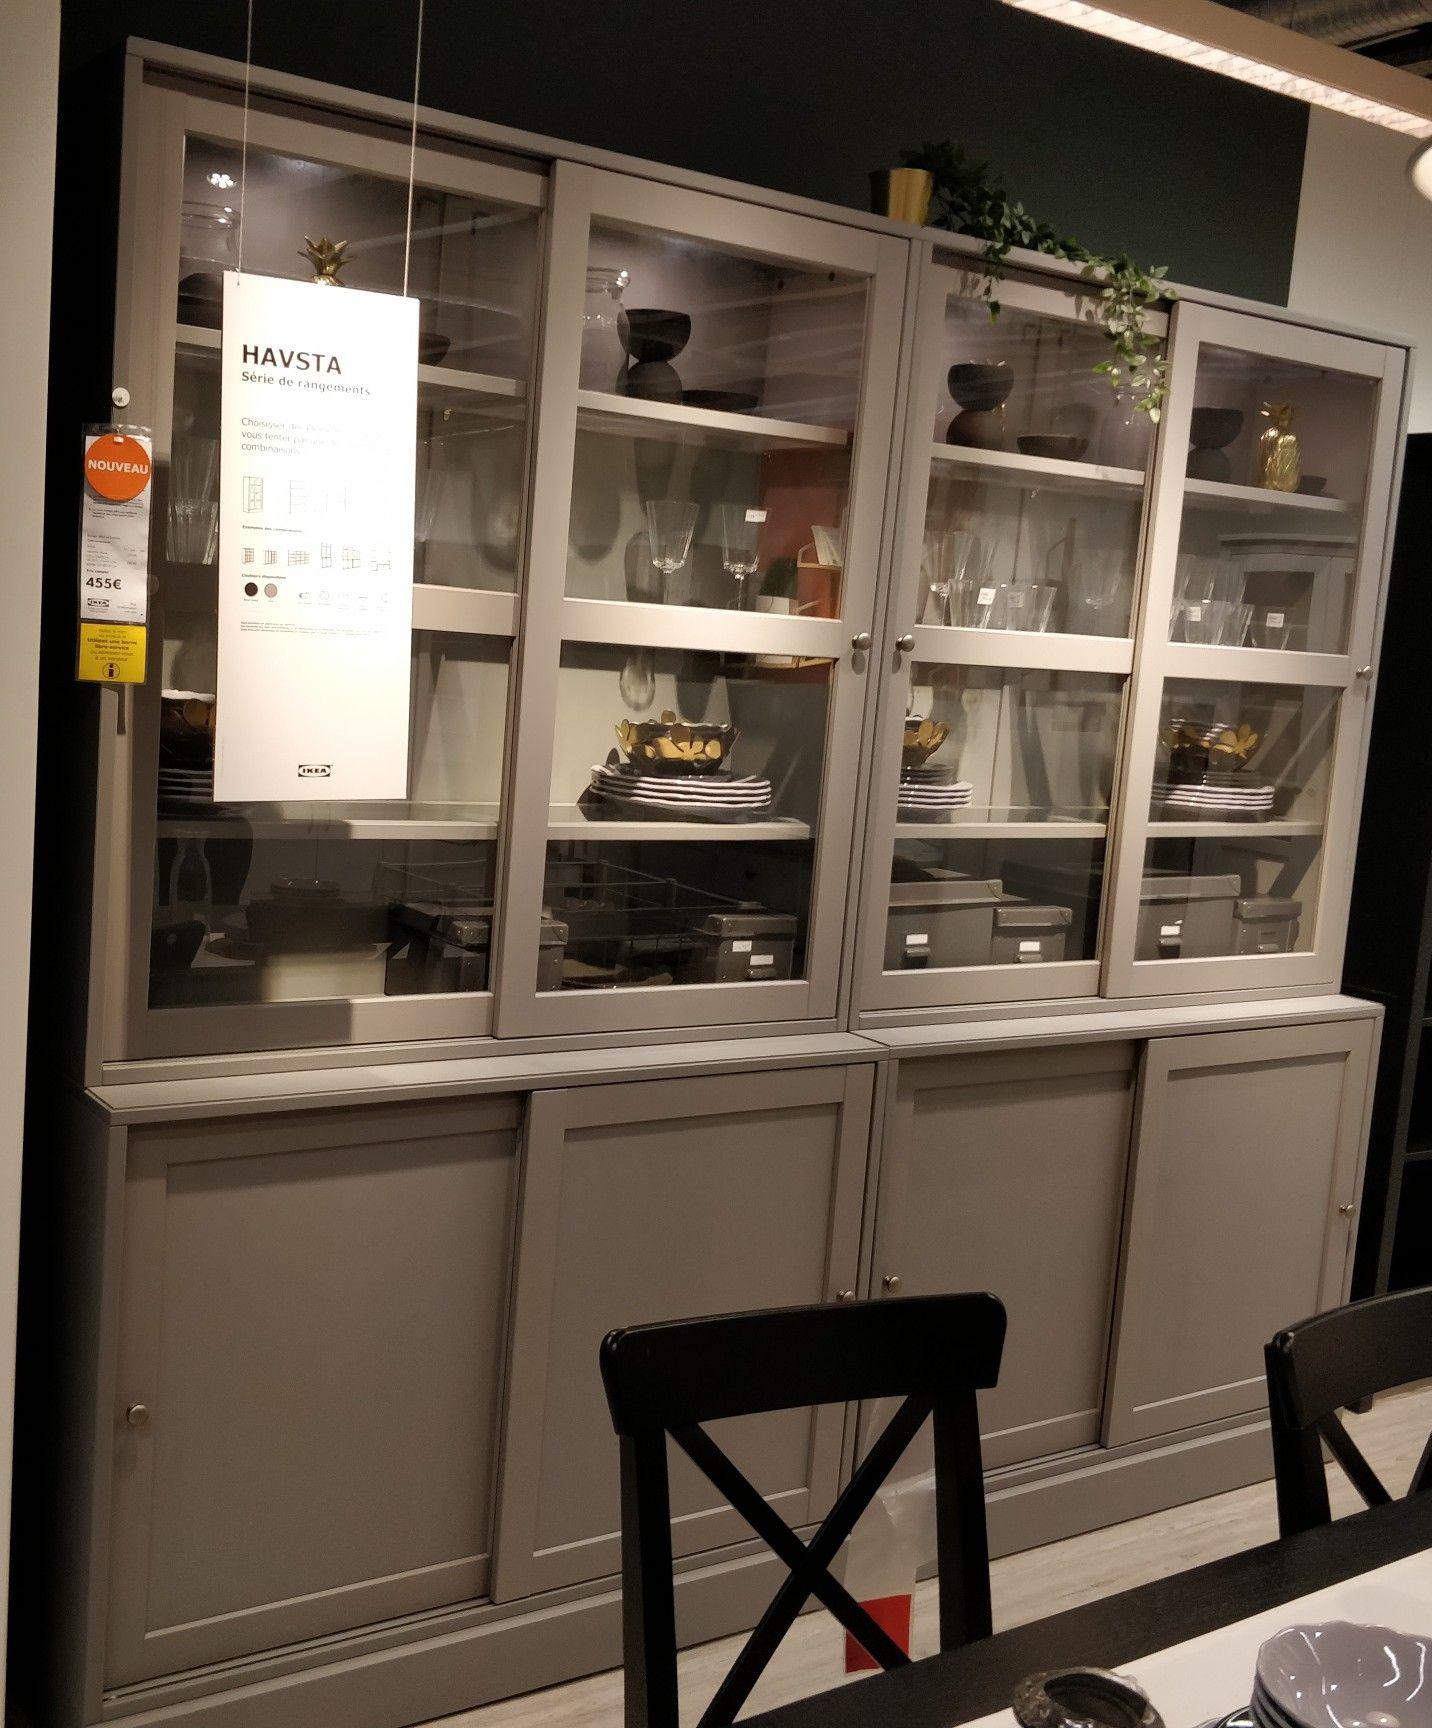 Ikea 2 Meubles Havsta 121x47x212 L Unite 455 Mobilier De Salon